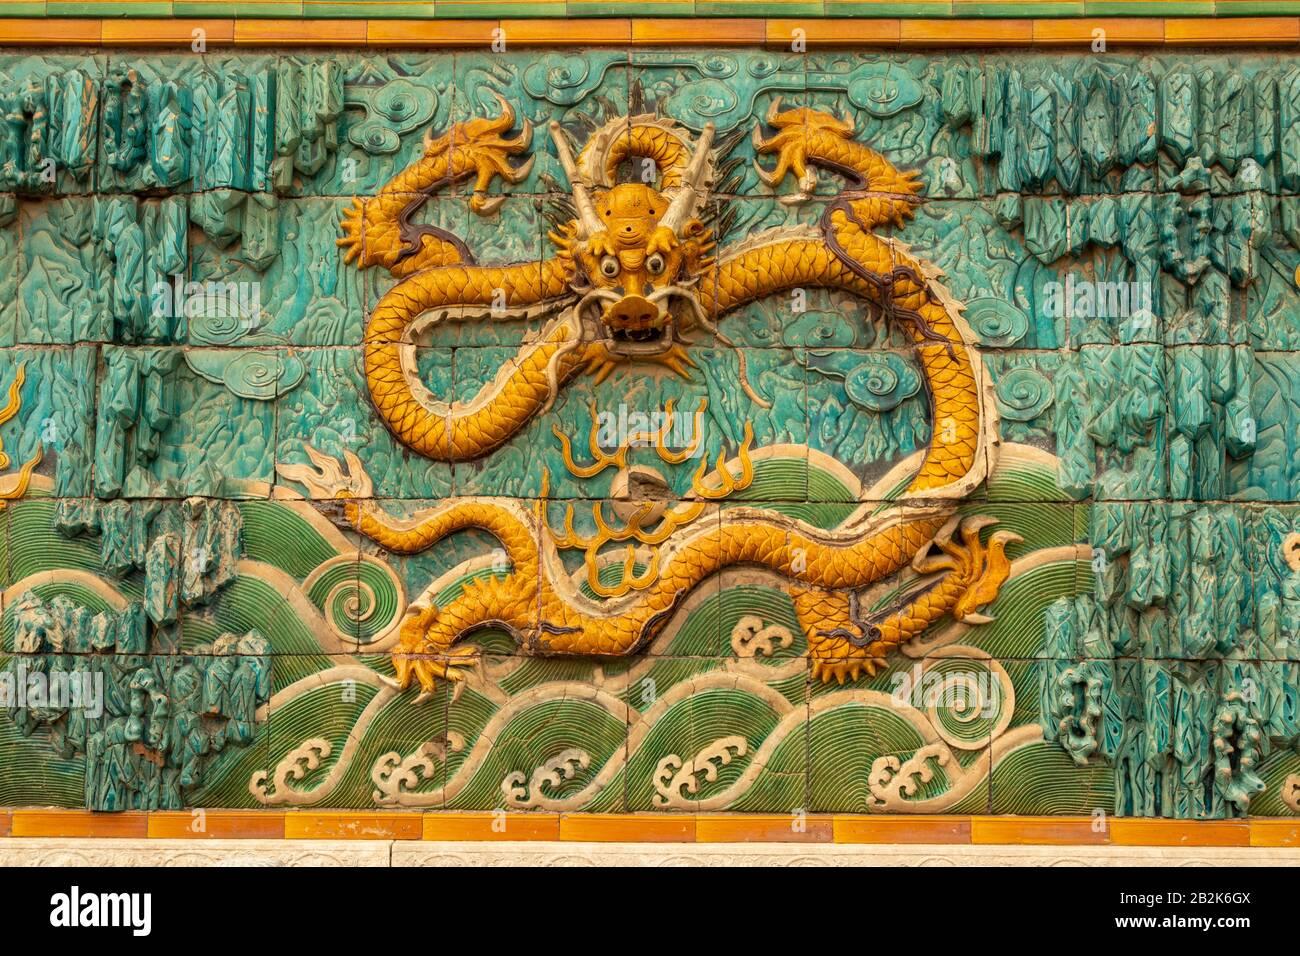 Schermo di nove draghi, ingresso al Palazzo Della Longevità Tranquilla, la Città Proibita, Pechino, Cina Foto Stock